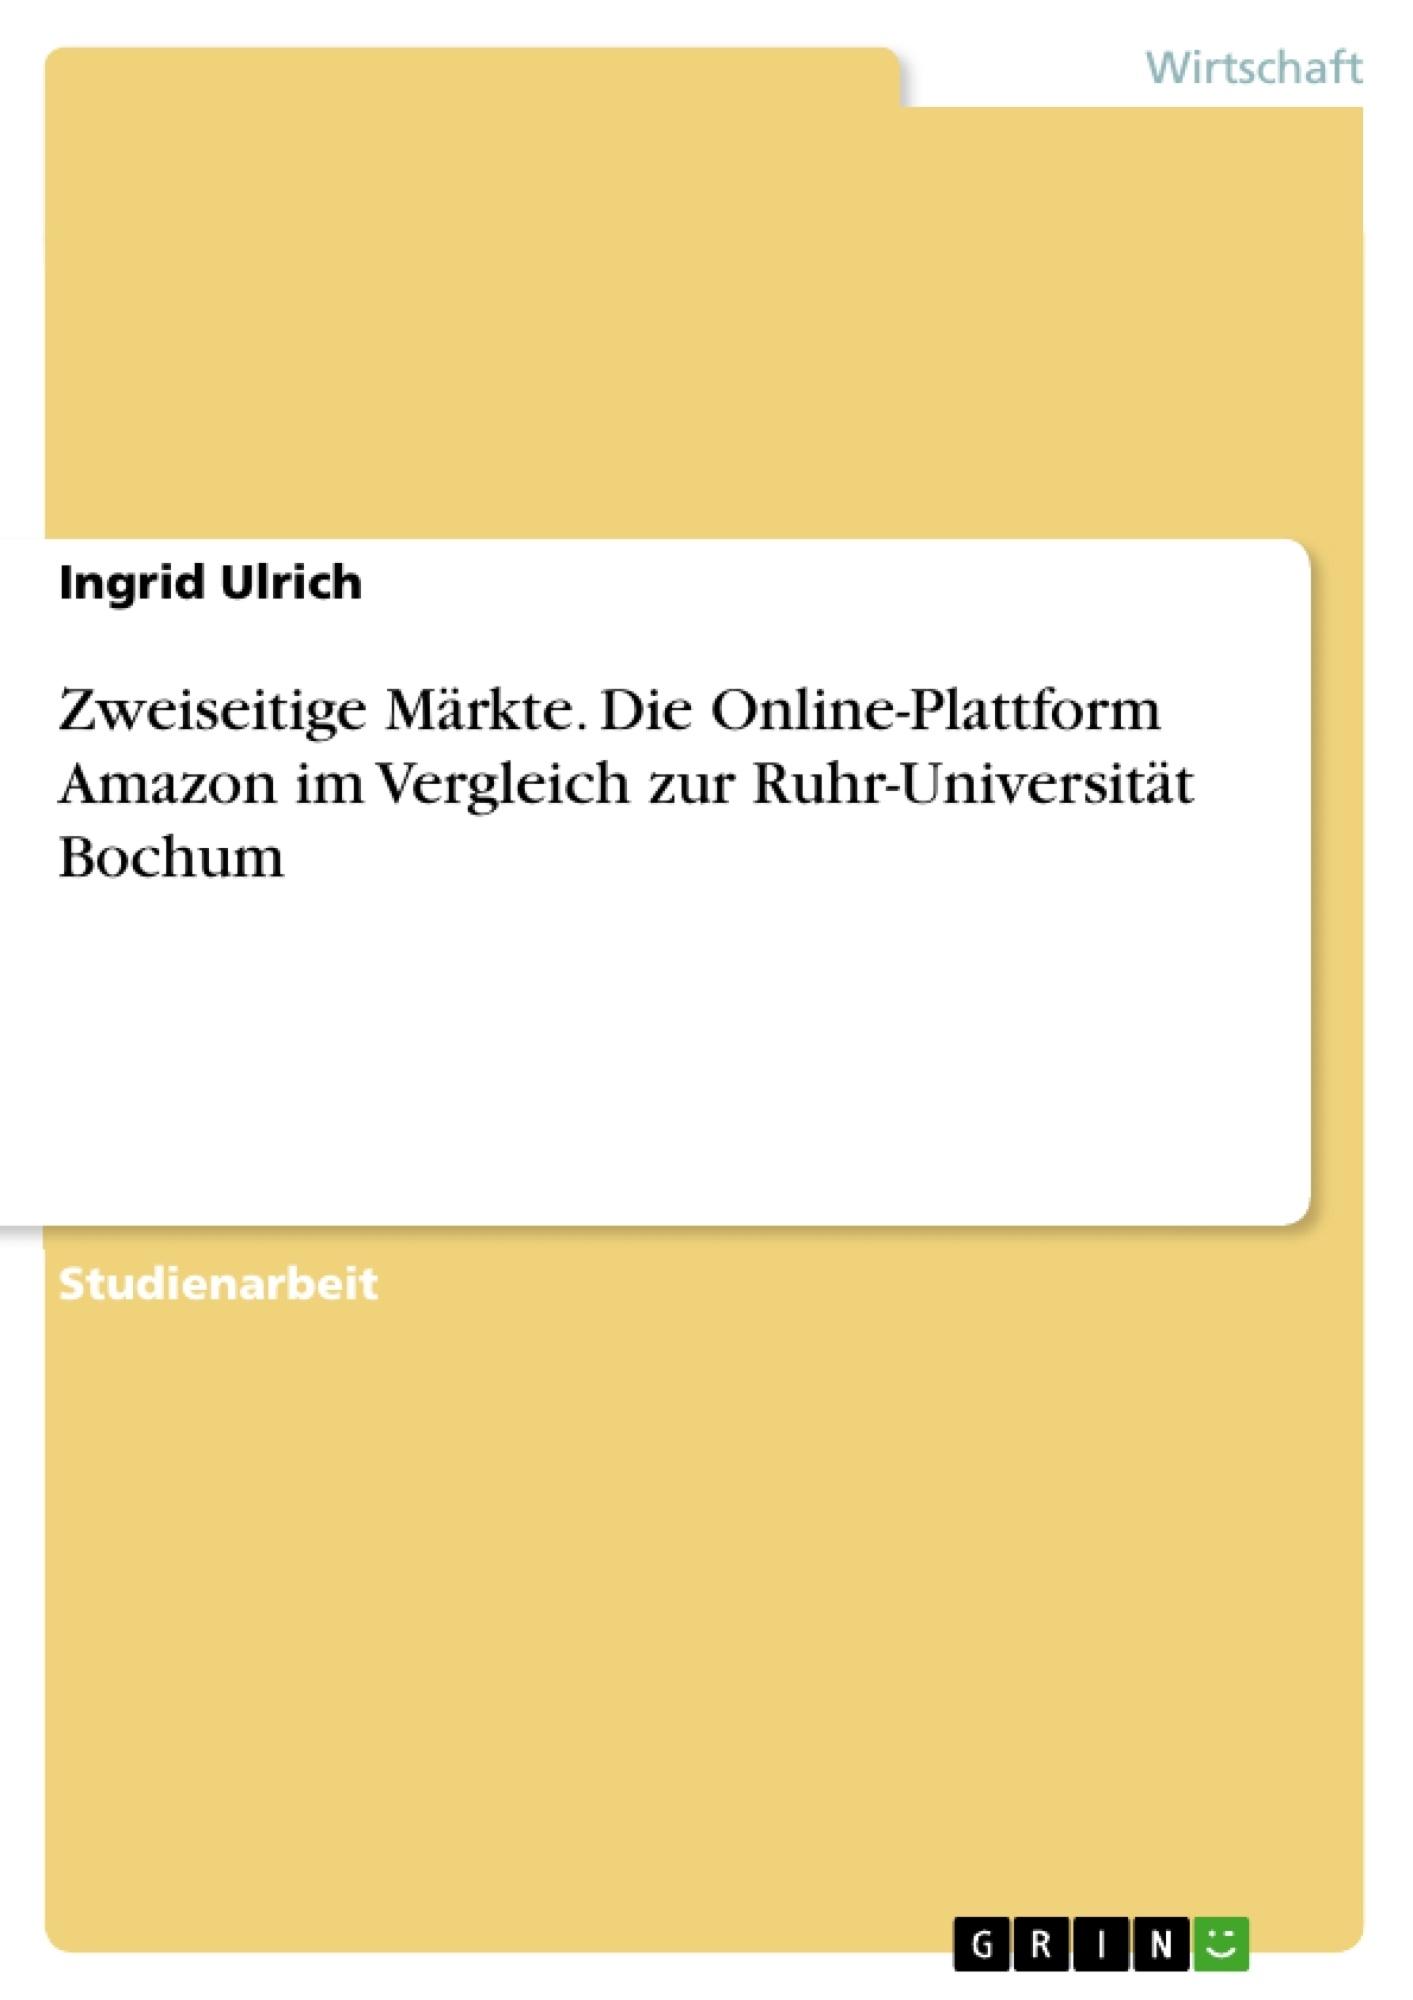 Titel: Zweiseitige Märkte. Die Online-Plattform Amazon im Vergleich zur Ruhr-Universität Bochum